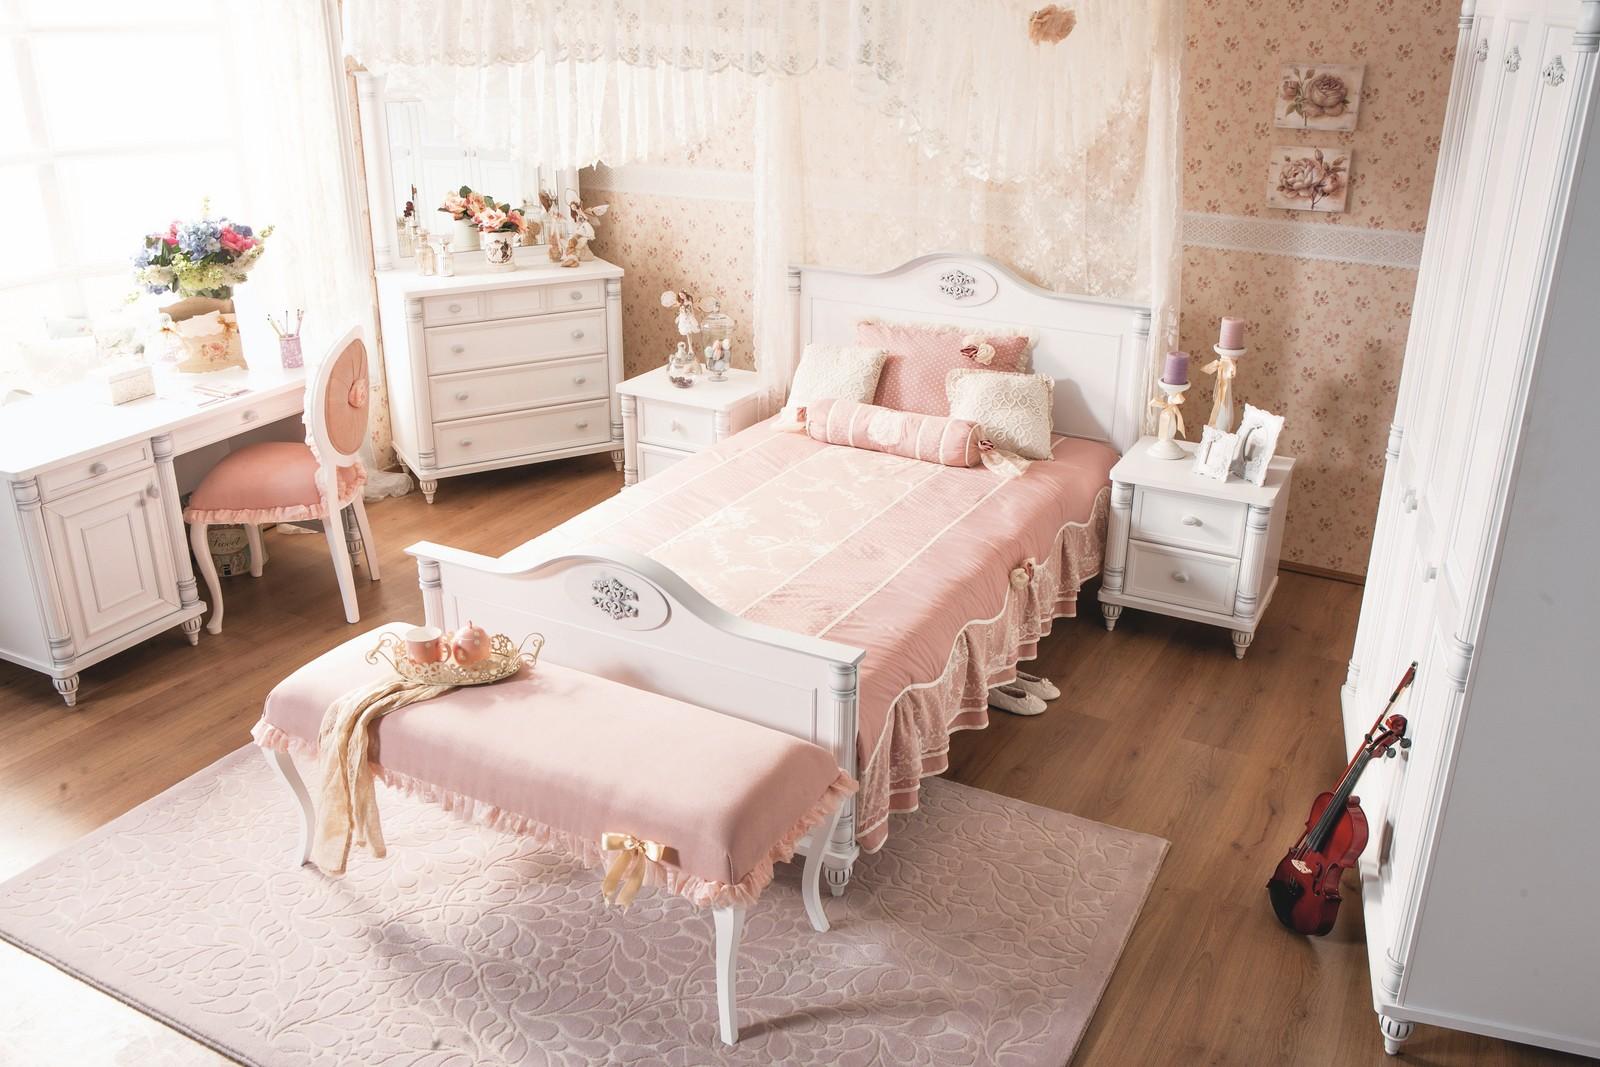 Slaapkamer Meisje Jaar : Kinderkamer meiden good slaapkamer ideeen kinderkamer in mooi